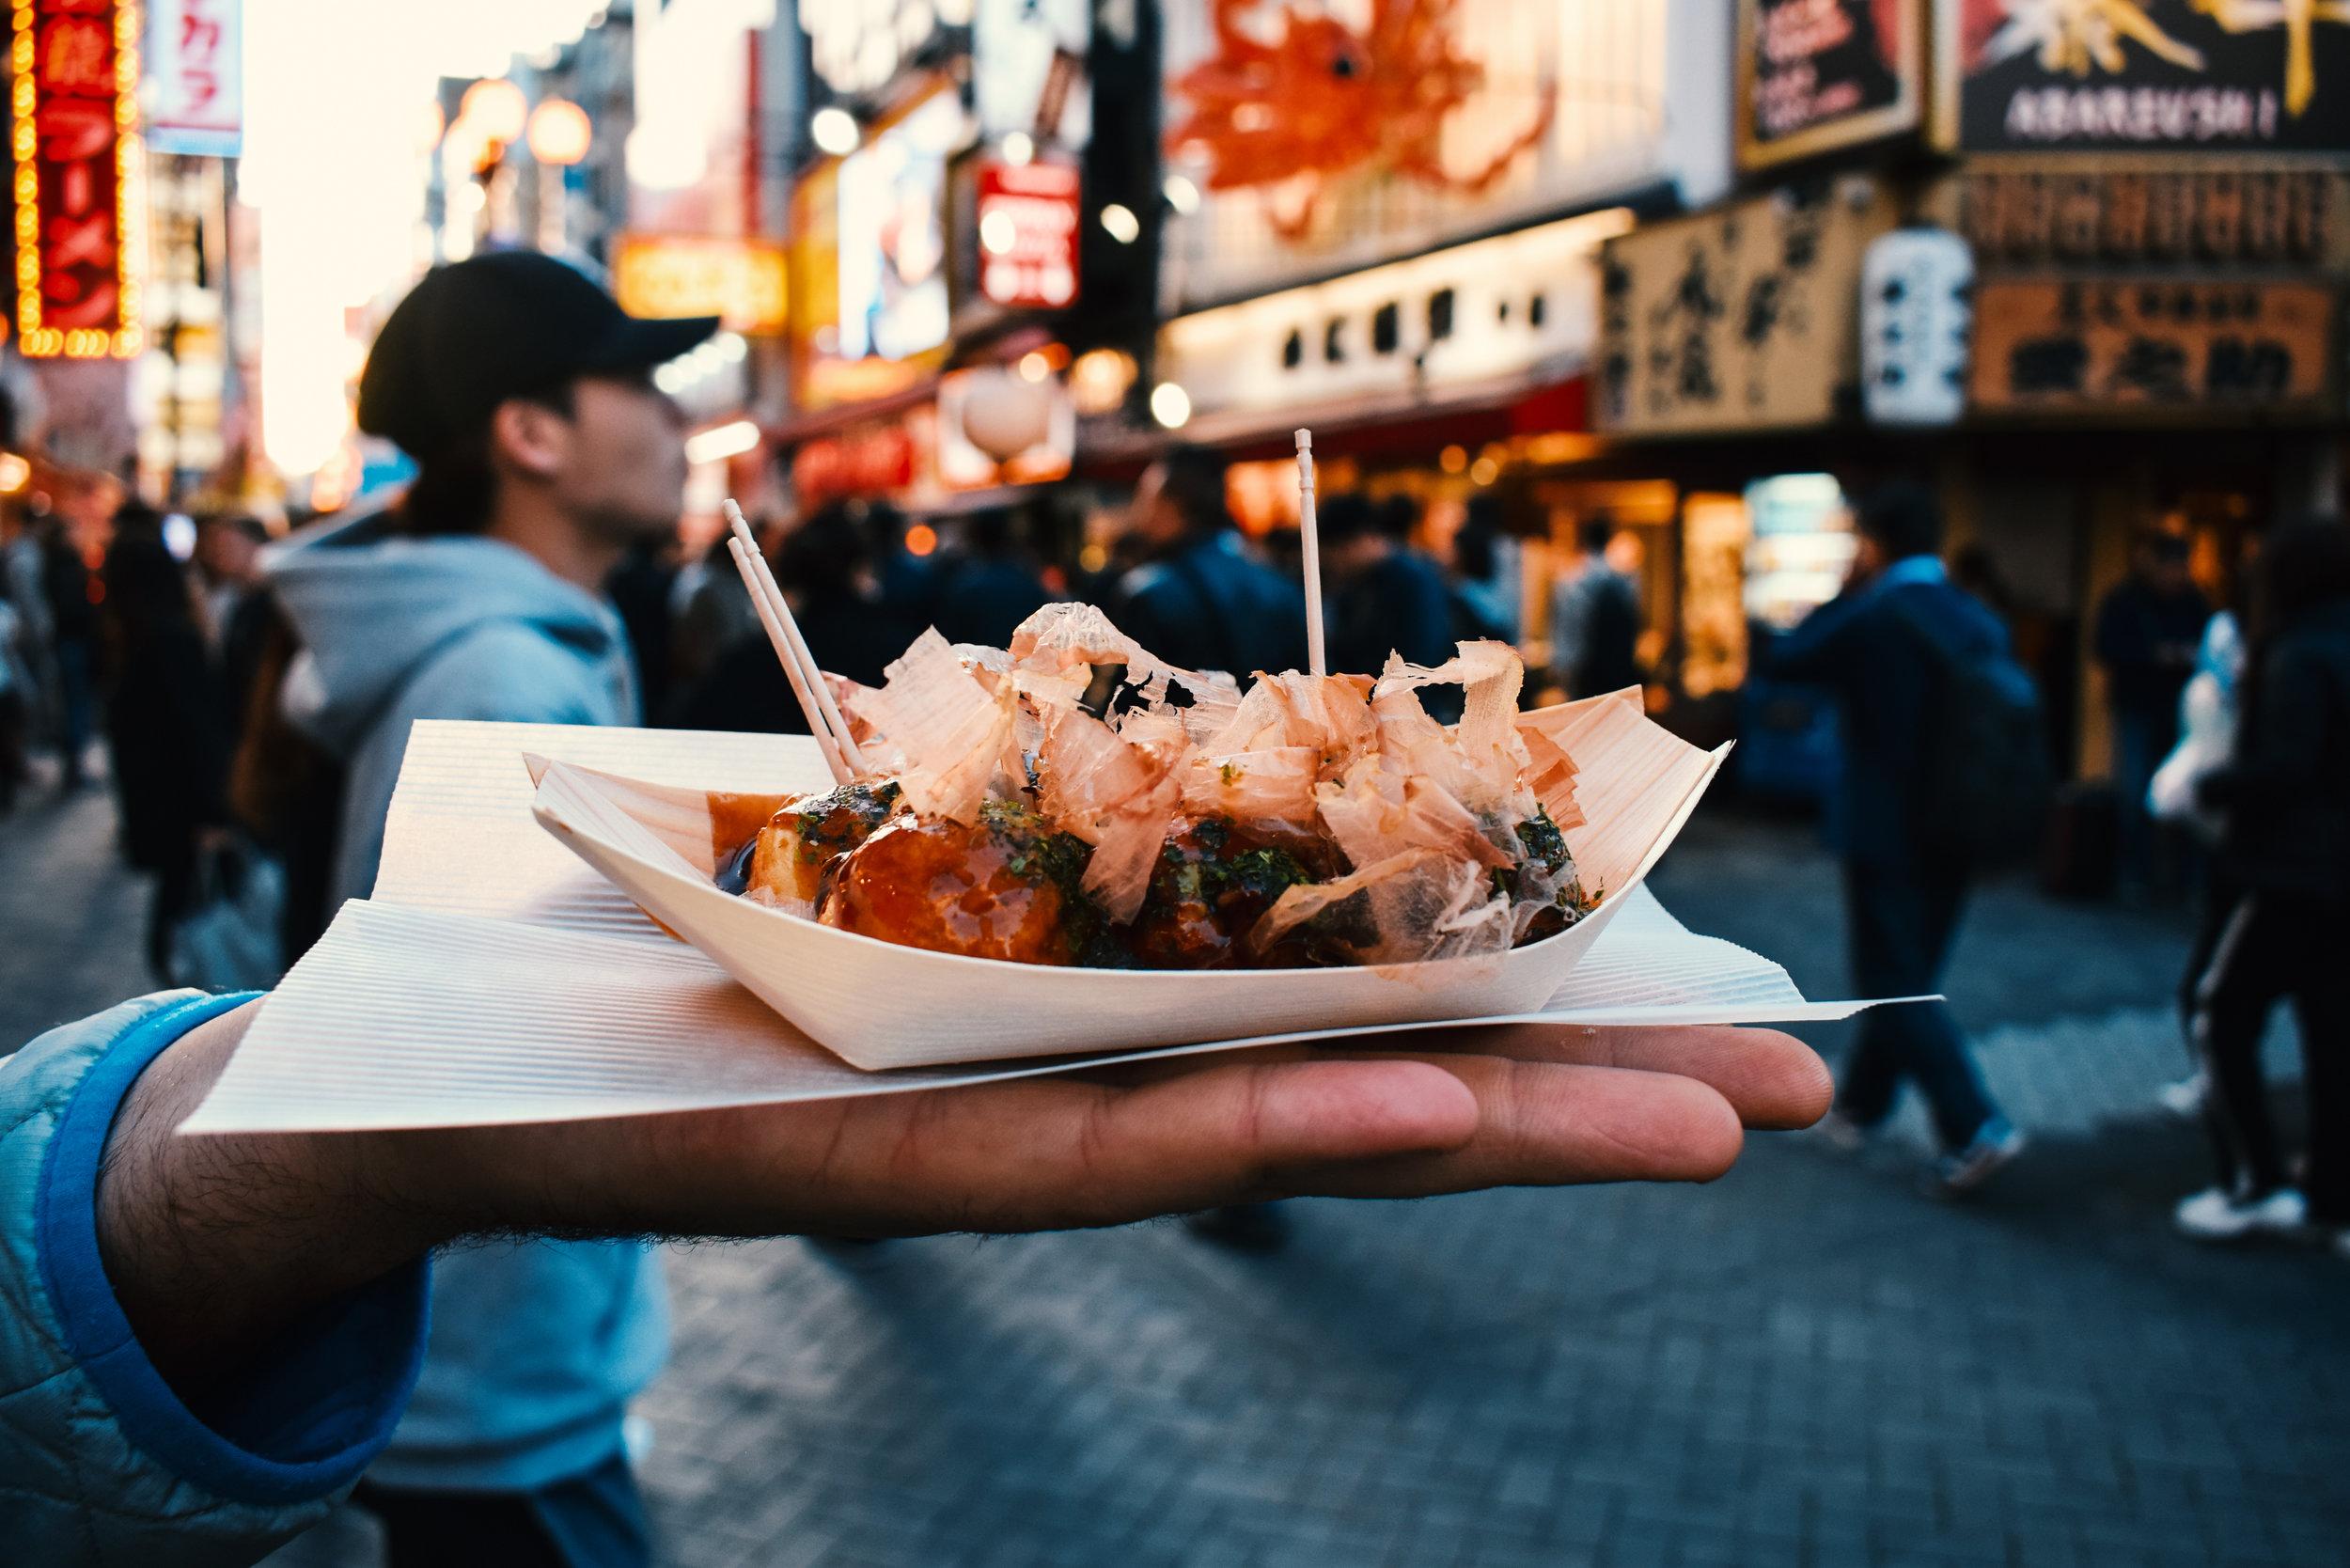 Comida Local - Hay que aventurarse a probar la comidad local. Una gran preocupación de muchos viajeros es los estándares de salubridad de la comida callejera. Sin embargo, un buen consejo es que siempre se investigue y se indague con otros viajeres para saber cuáles son las mejores opciones de comida callejera sin gastar ua fortuna. En paises como Vietnam, Laos, Filipinas e Indonesia podrás cenar comida deliciosa por menos de $4 dólares americanos.